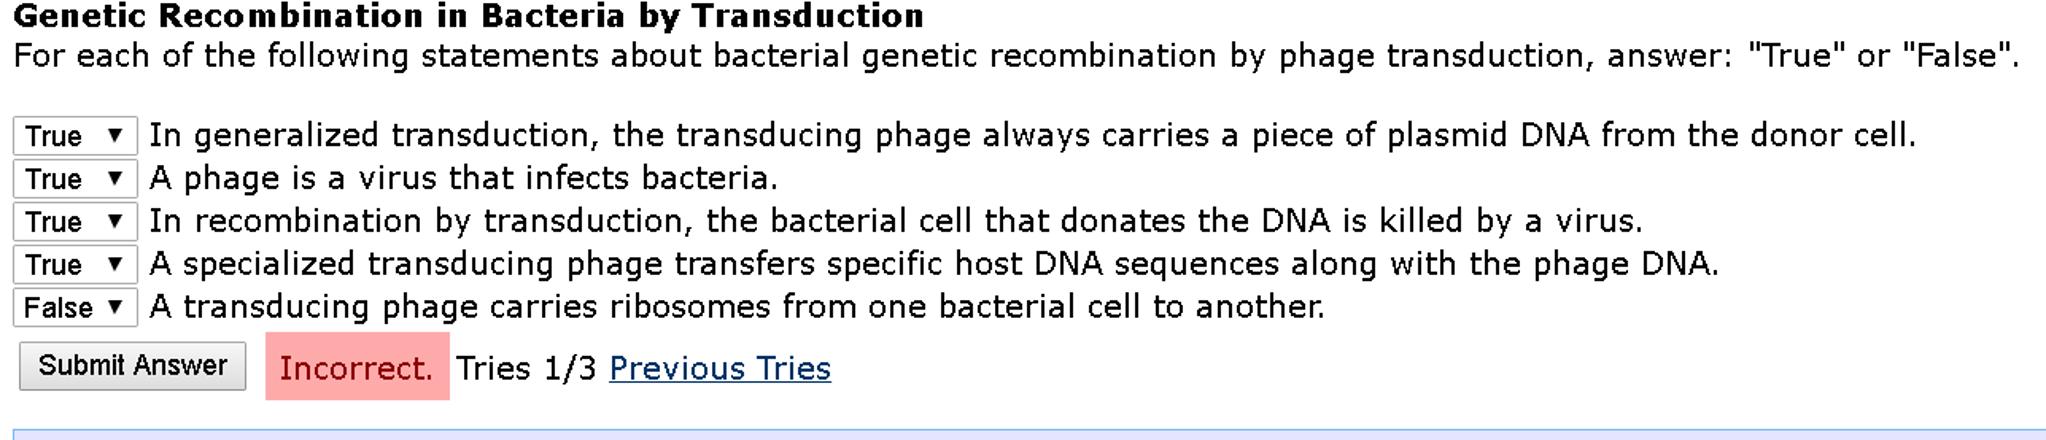 bacterial recombination essay